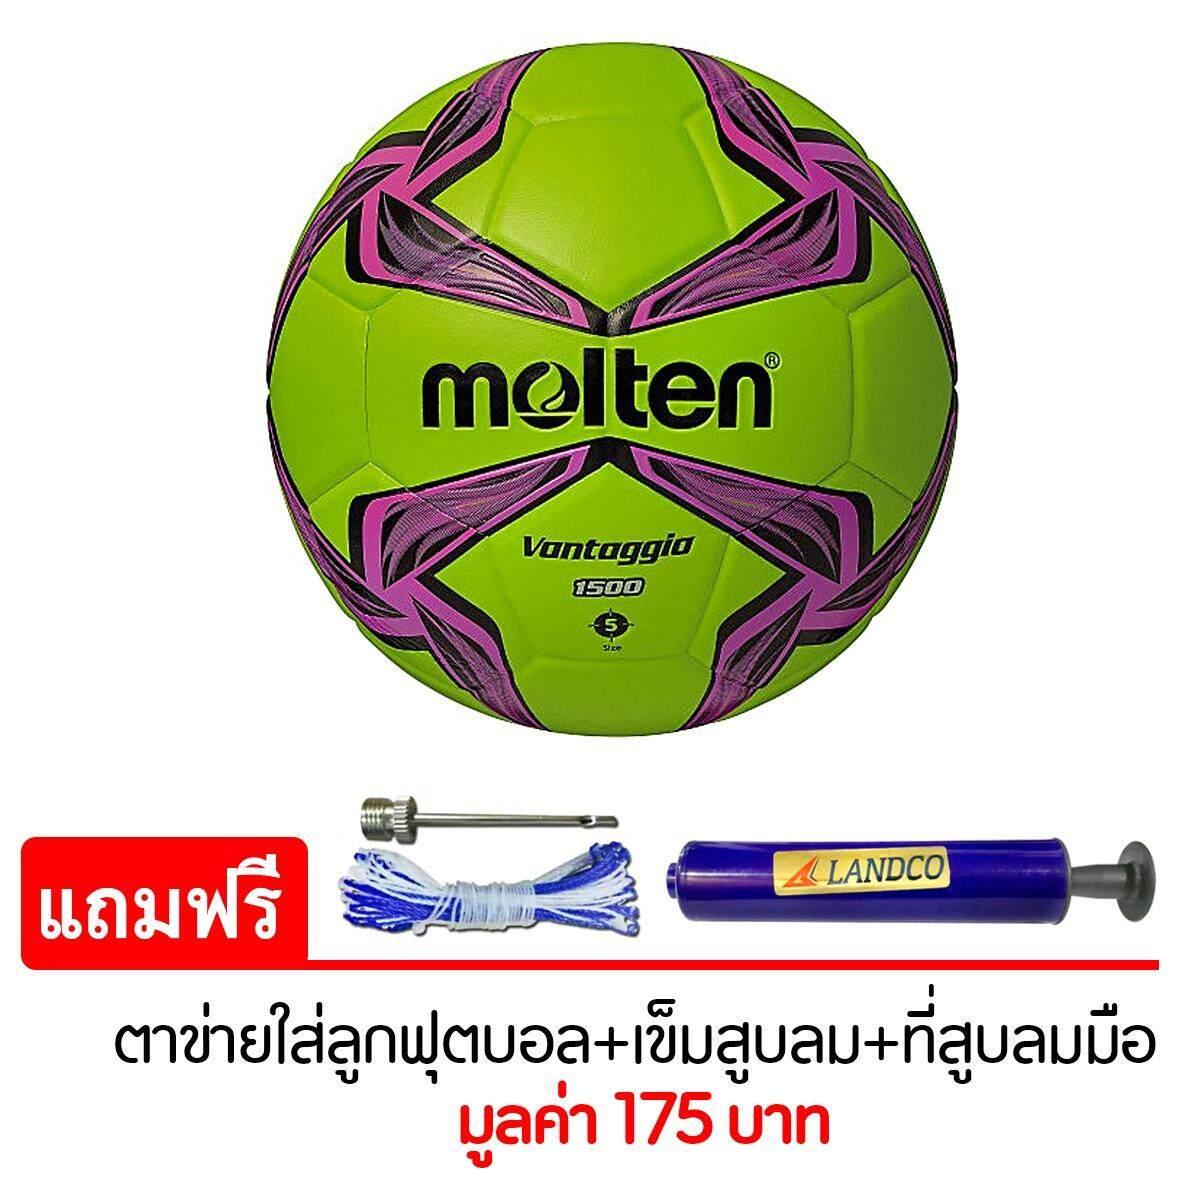 ความคิดเห็น Molten ลูกฟุตบอล Football Pvc F5V1500 Gp เบอร์5 แถมฟรี ตาข่ายใส่ลูกฟุตบอล เข็มสูบสูบลม สูบมือ Spl รุ่น Sl6 สีน้ำเงิน